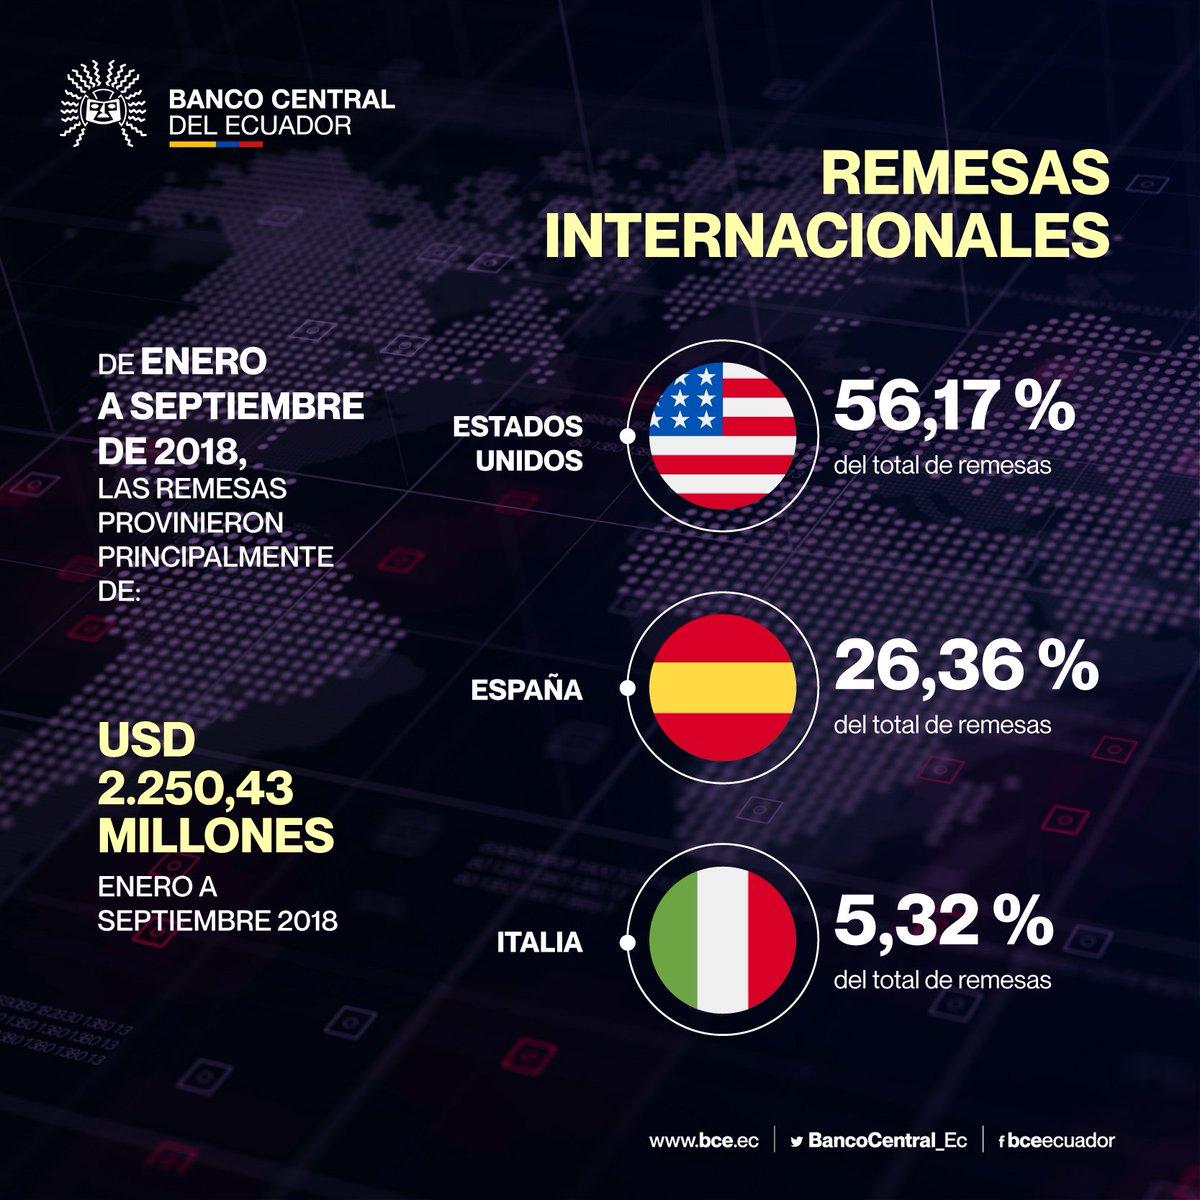 #EconomíaBCE: El dinamismo del mercado laboral y de la economía en los Estados Unidos hizo que entre enero y septiembre de 2018 los ecuatorianos que viven en ese país envíen más remesas hacia el Ecuador, en relación al mismo período de 2017.